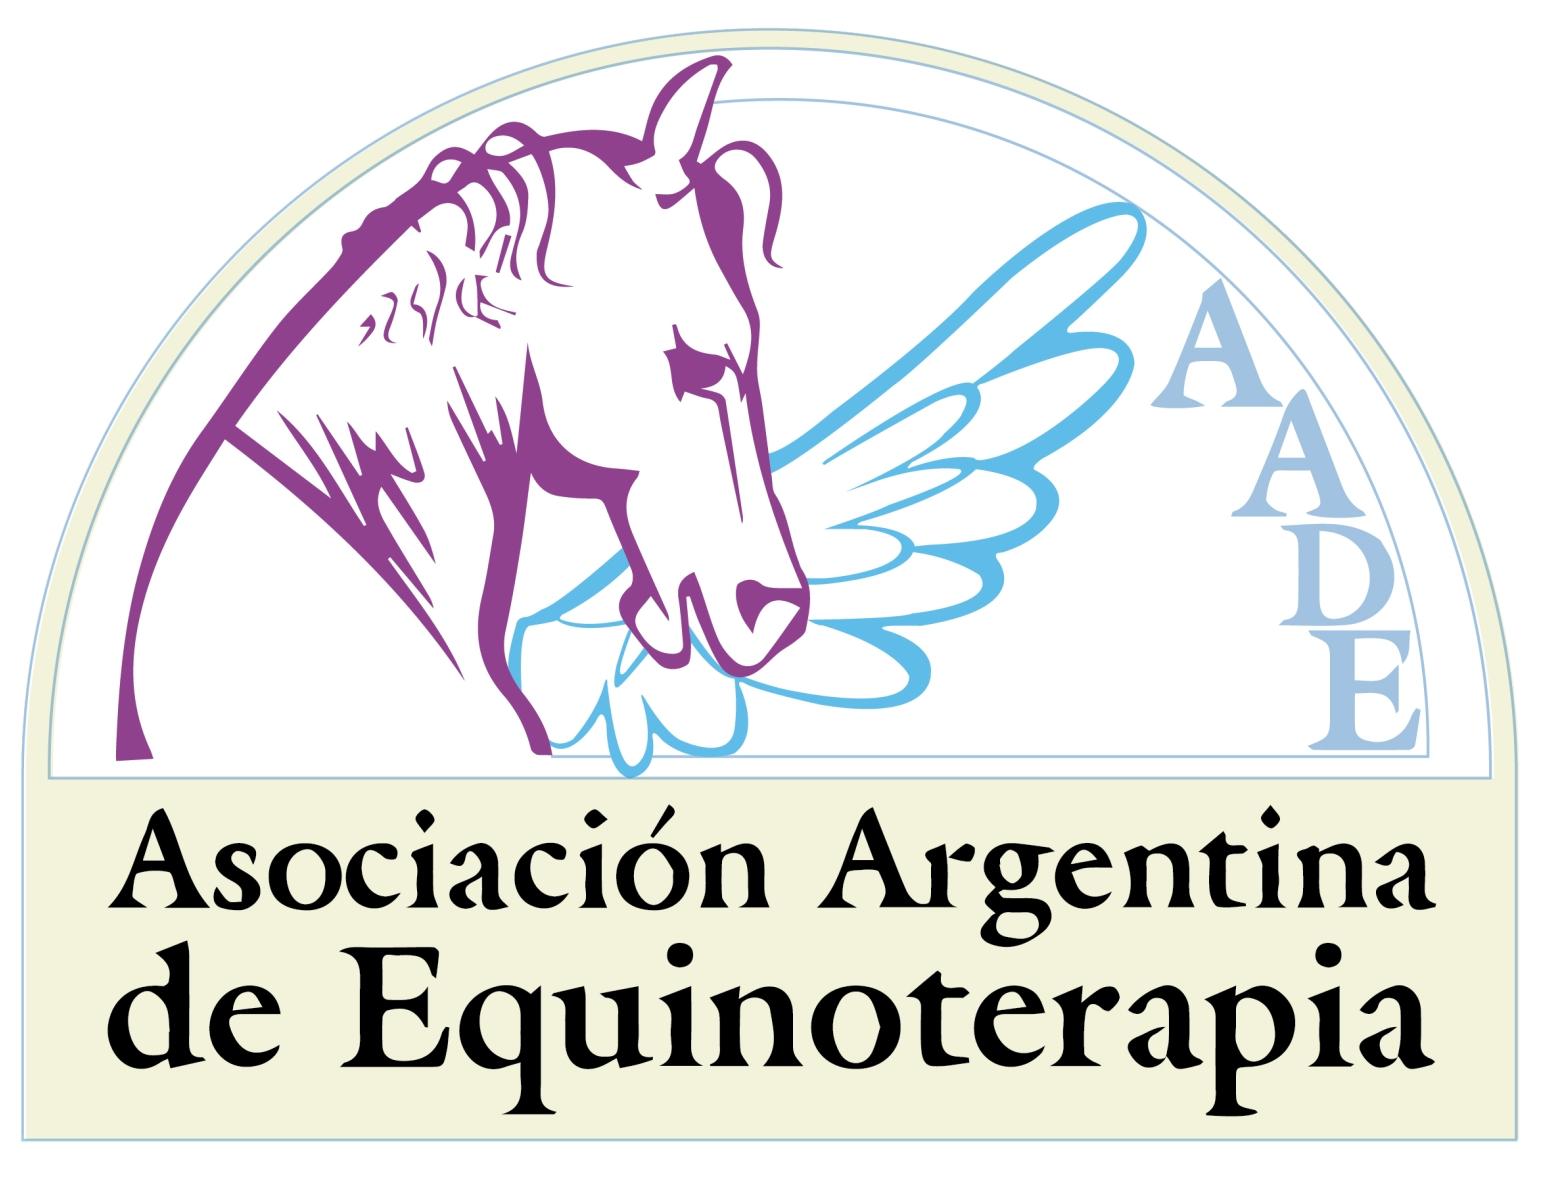 logo de Asociación Argentina de Equinoterapia